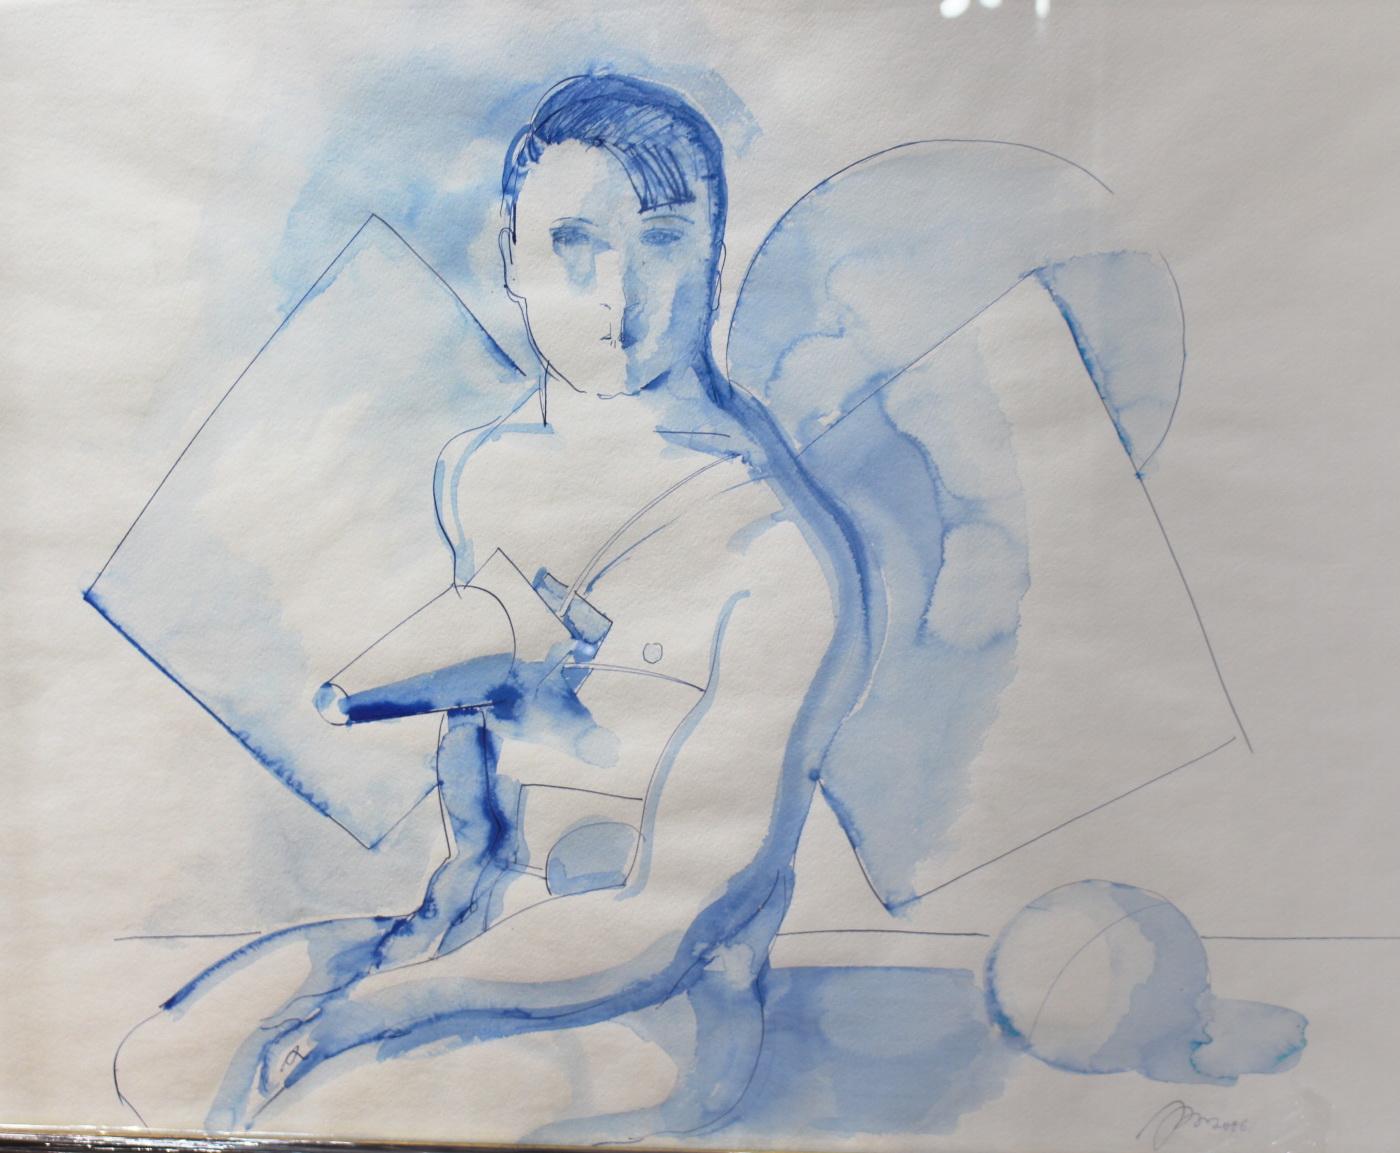 Биография и картины Рустама Хамдамова